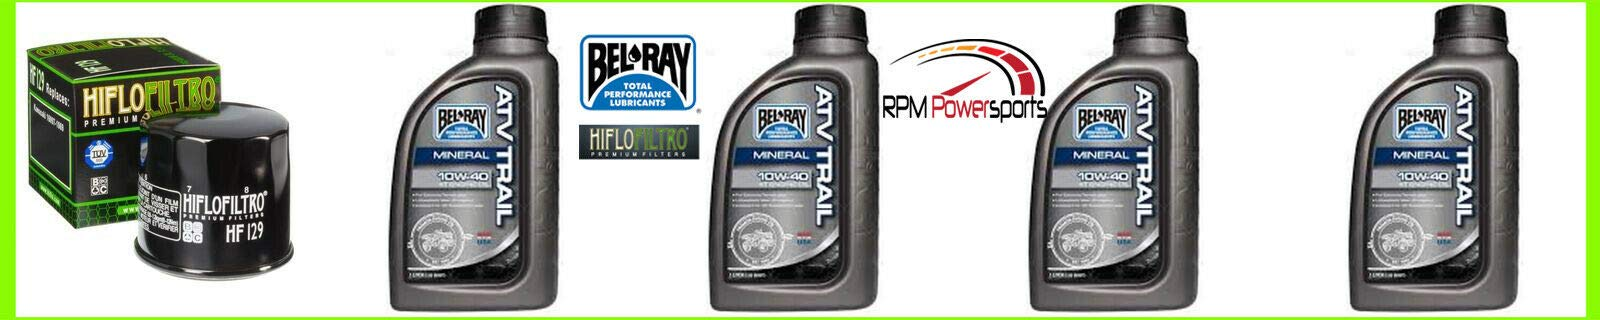 RPM Engine Oil Change Kit KAF950 HAF Mule 4010 Trans 4x4 Diesel Realtree APG HD 10